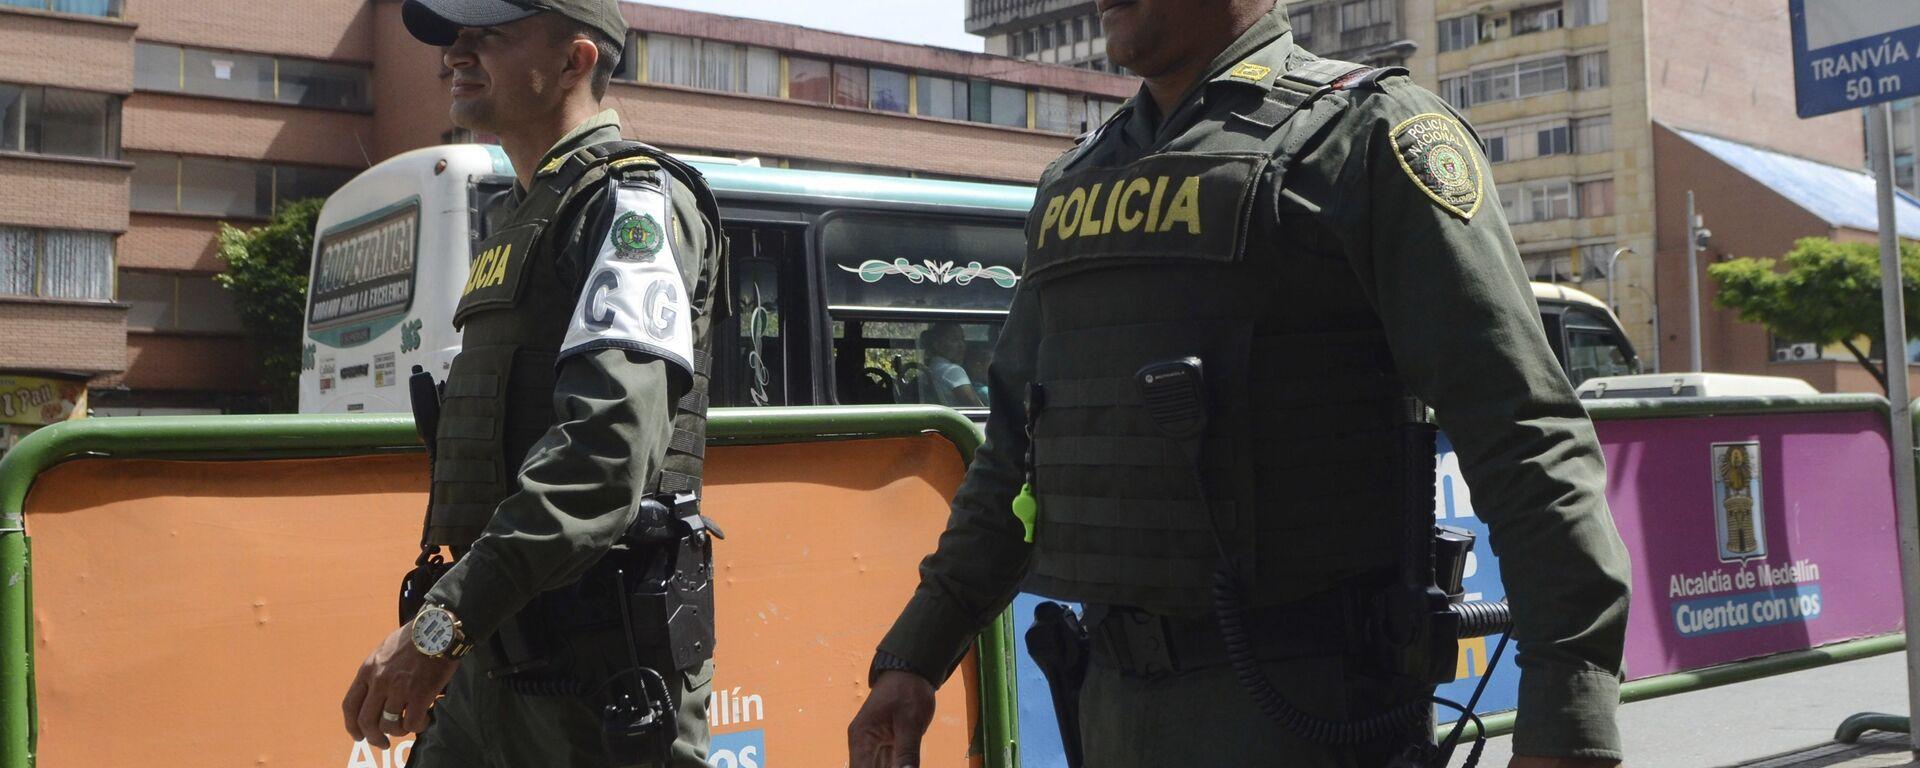 Policía colombiana (Archivo) - Sputnik Mundo, 1920, 12.03.2021